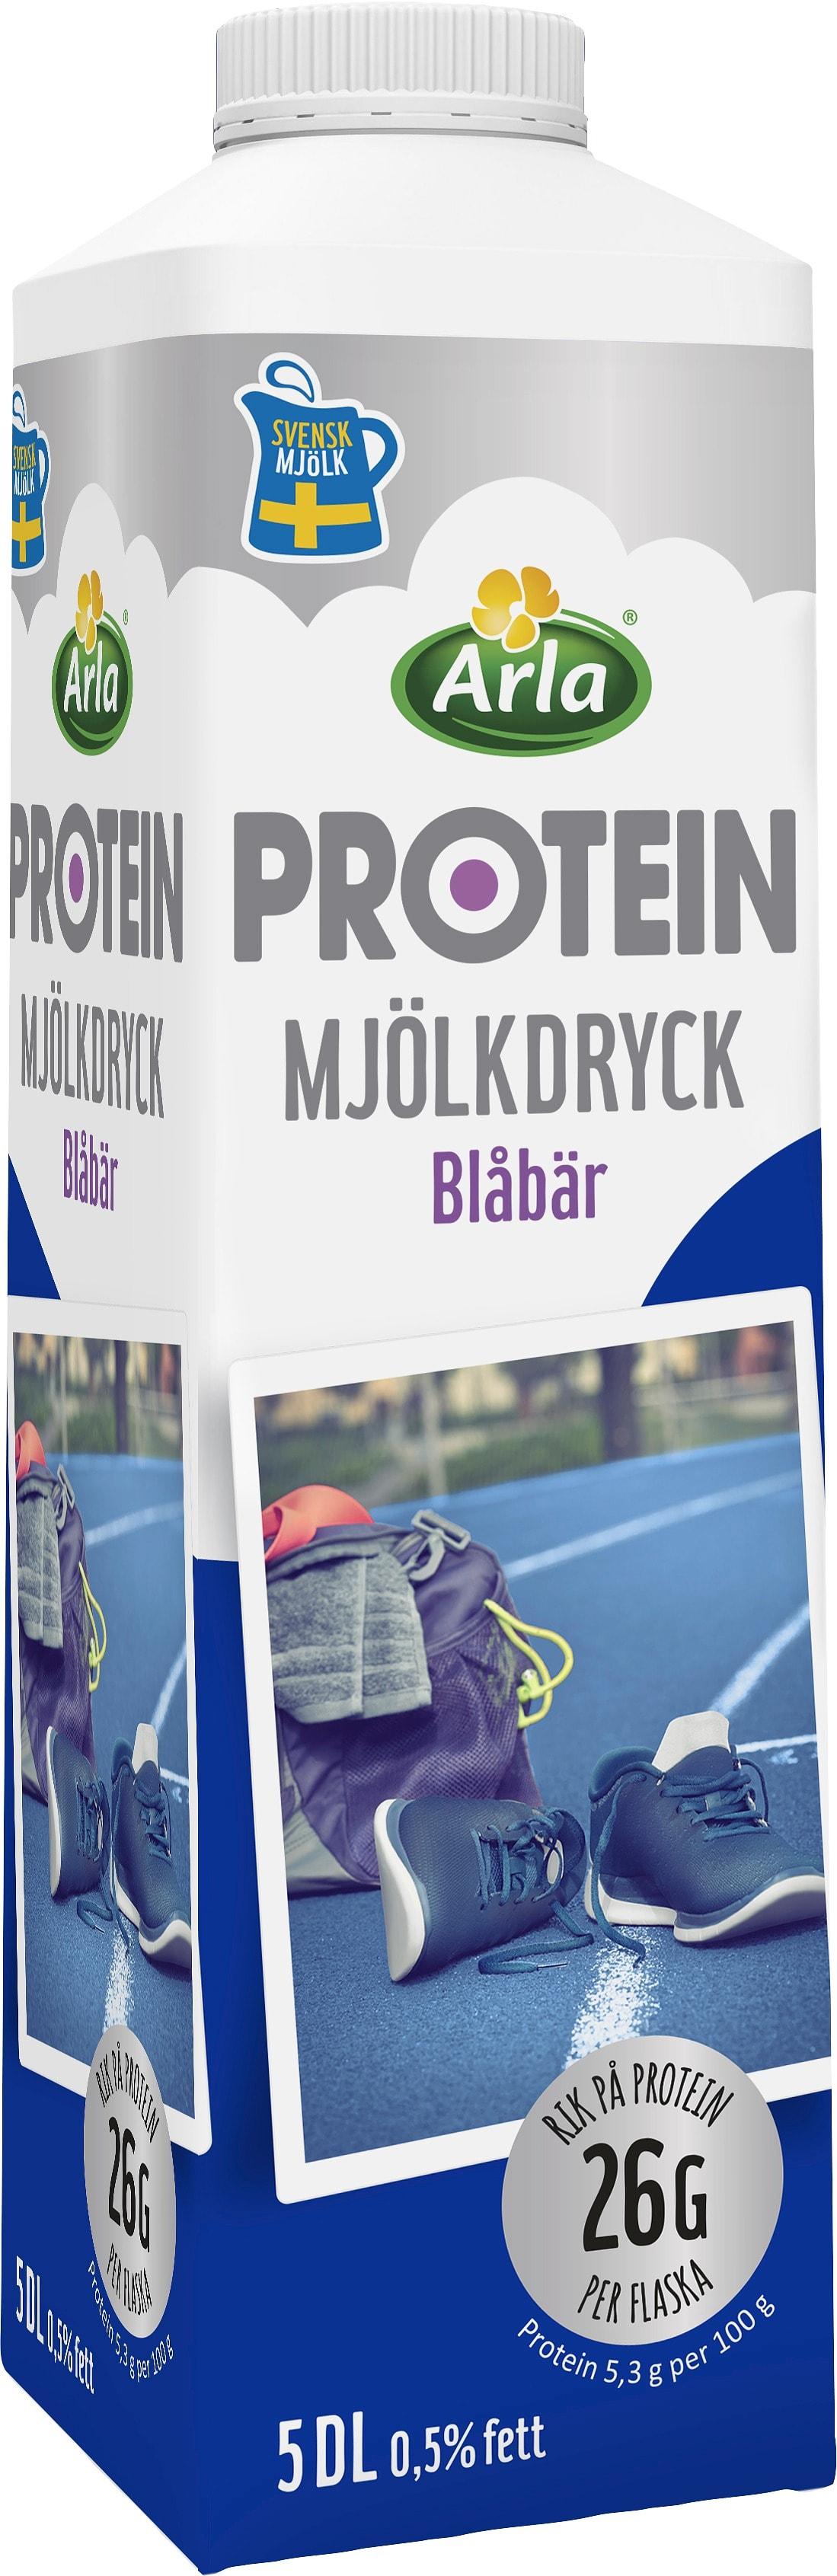 protein mjölk